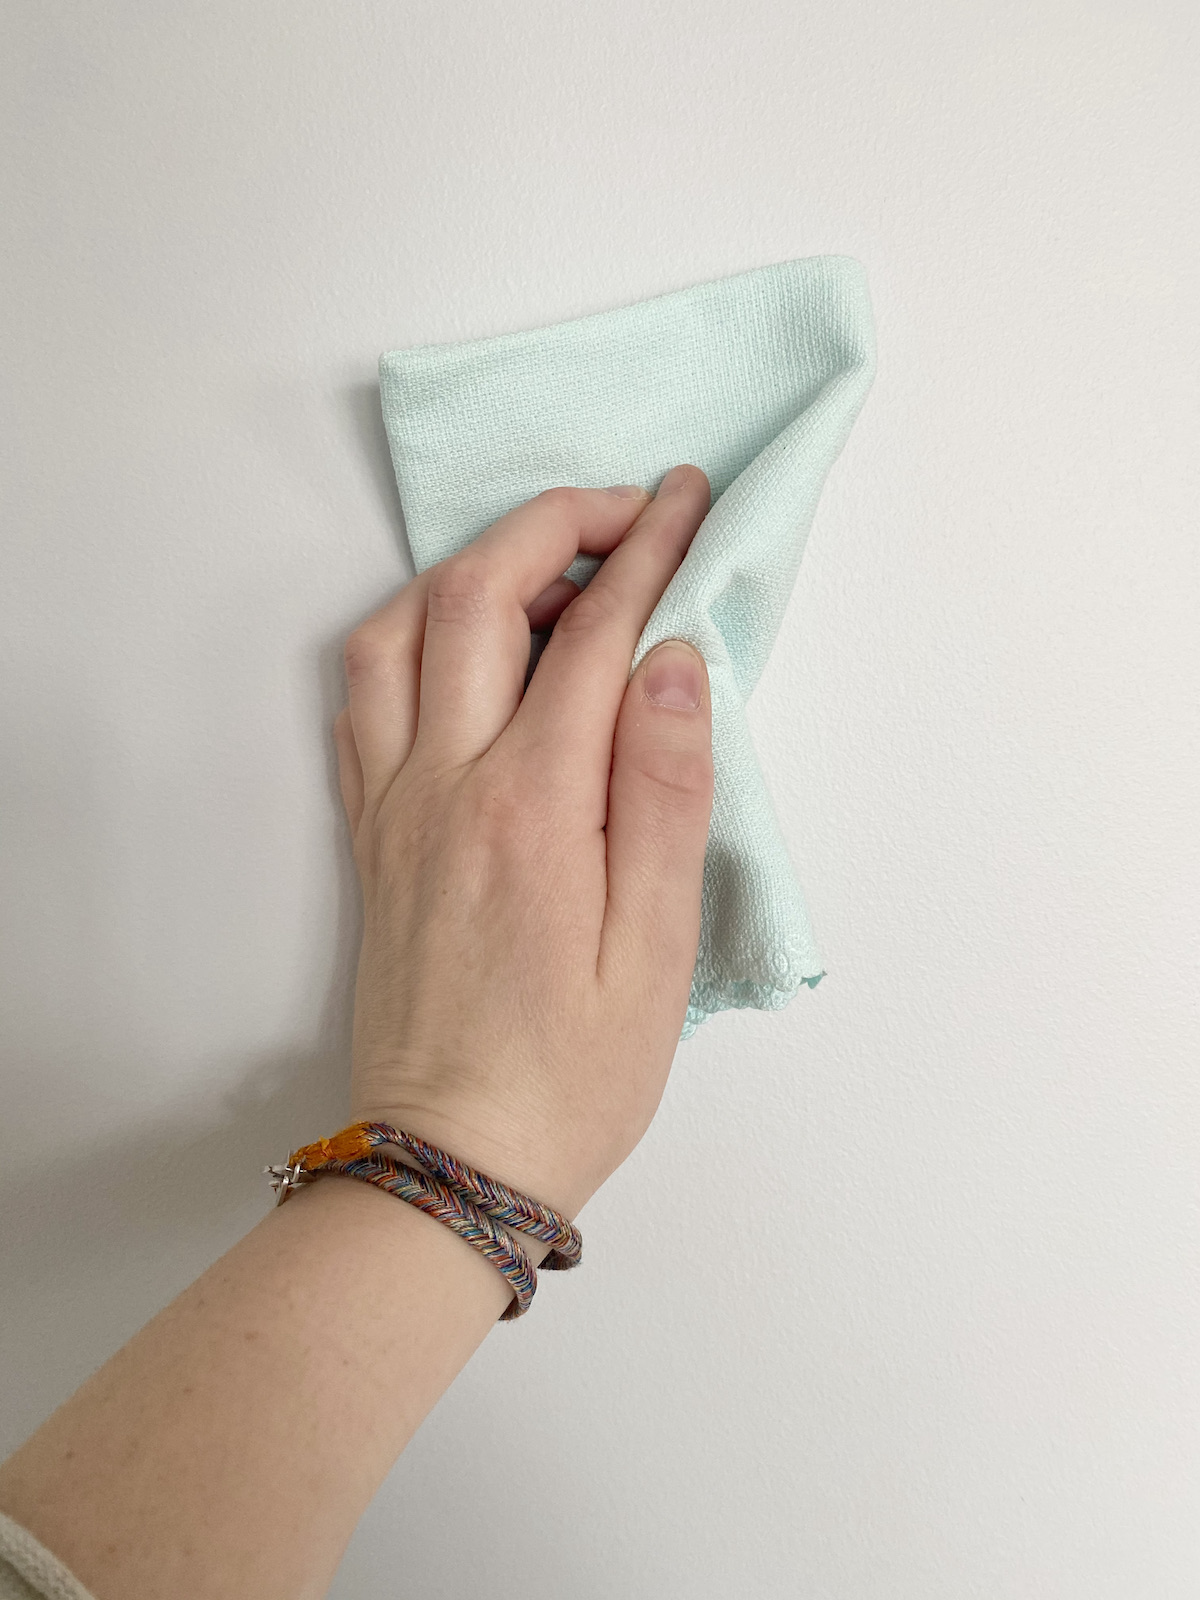 nettoyer facilement mur chifonnette microfibre h2o